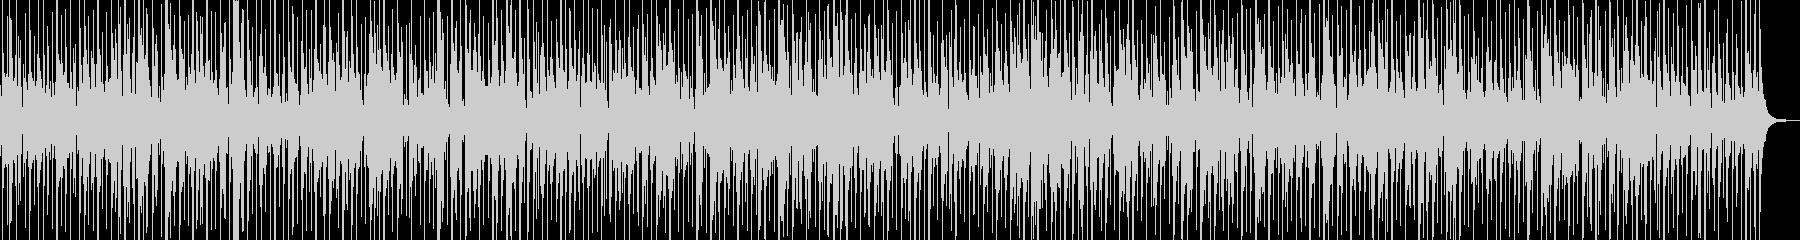 日常のコーヒーブレイクに合うジャズワルツの未再生の波形